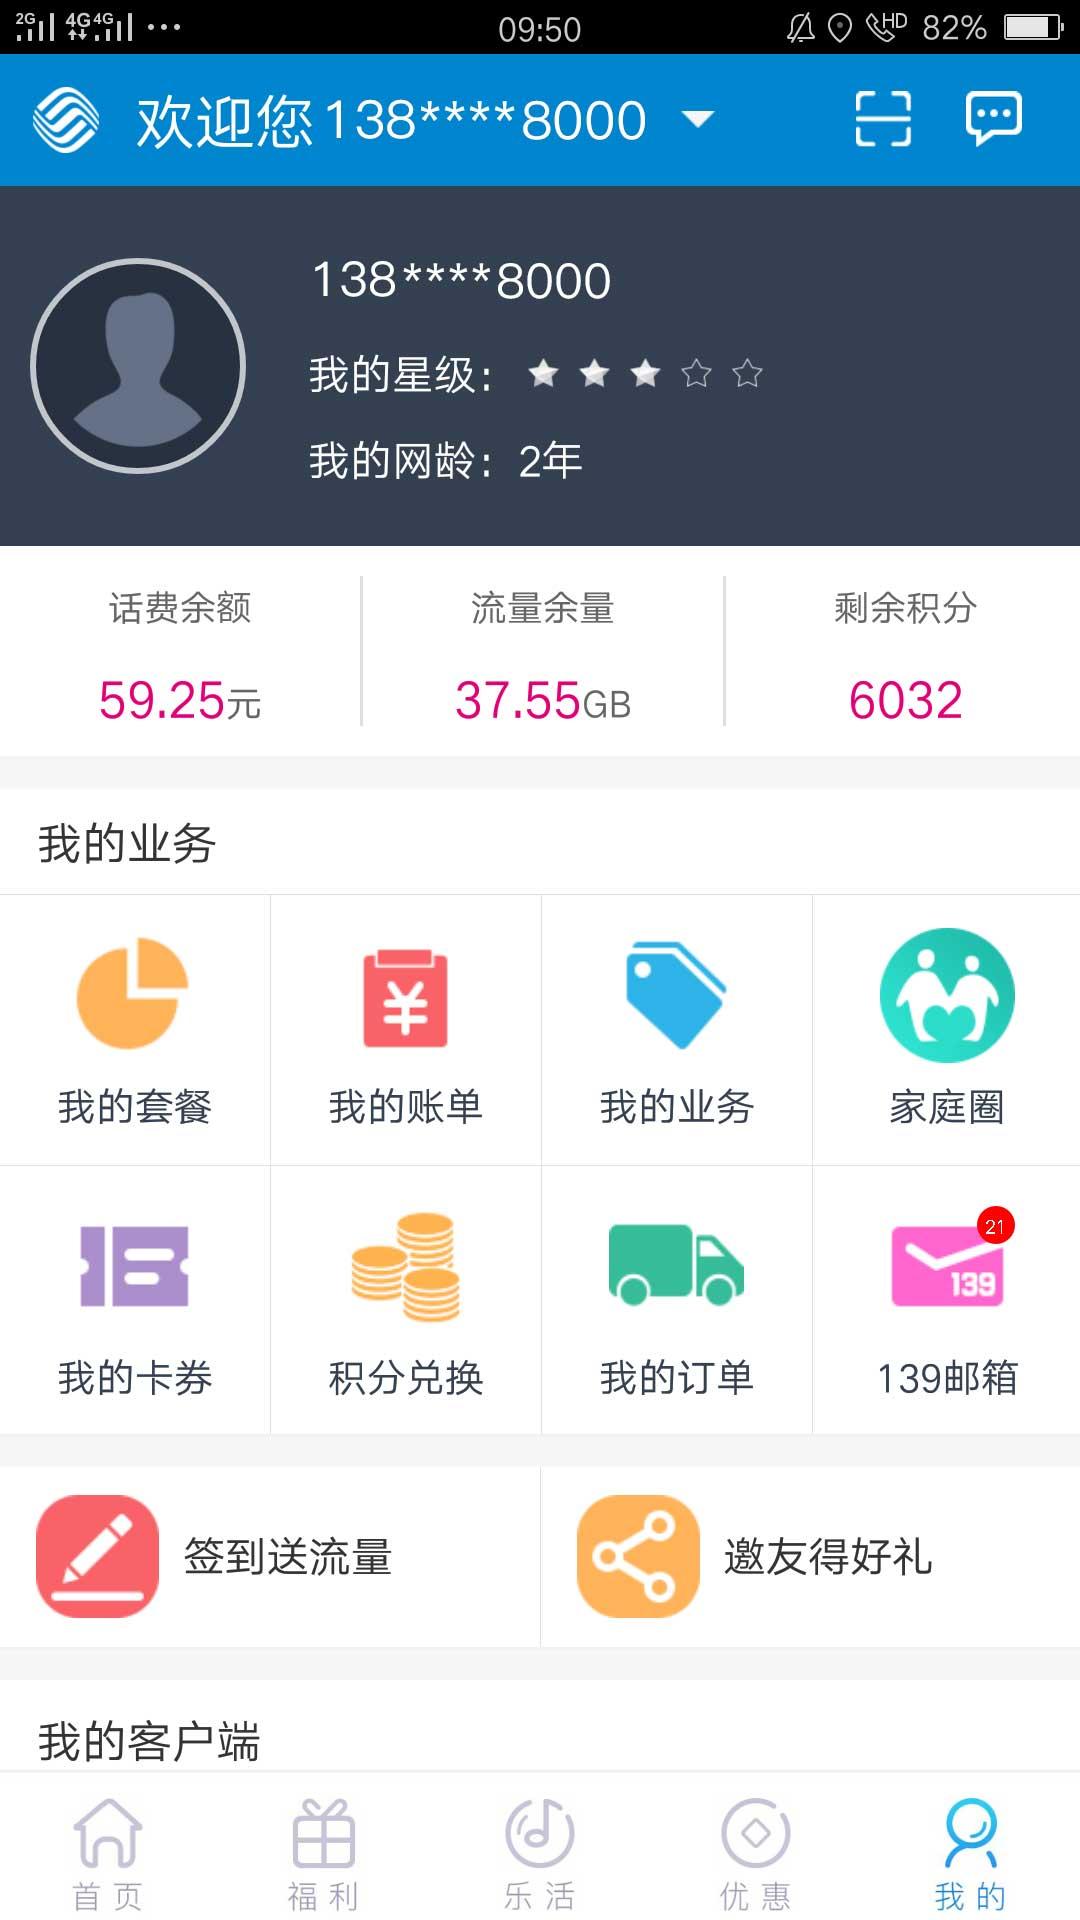 北京移动手机营业厅截图